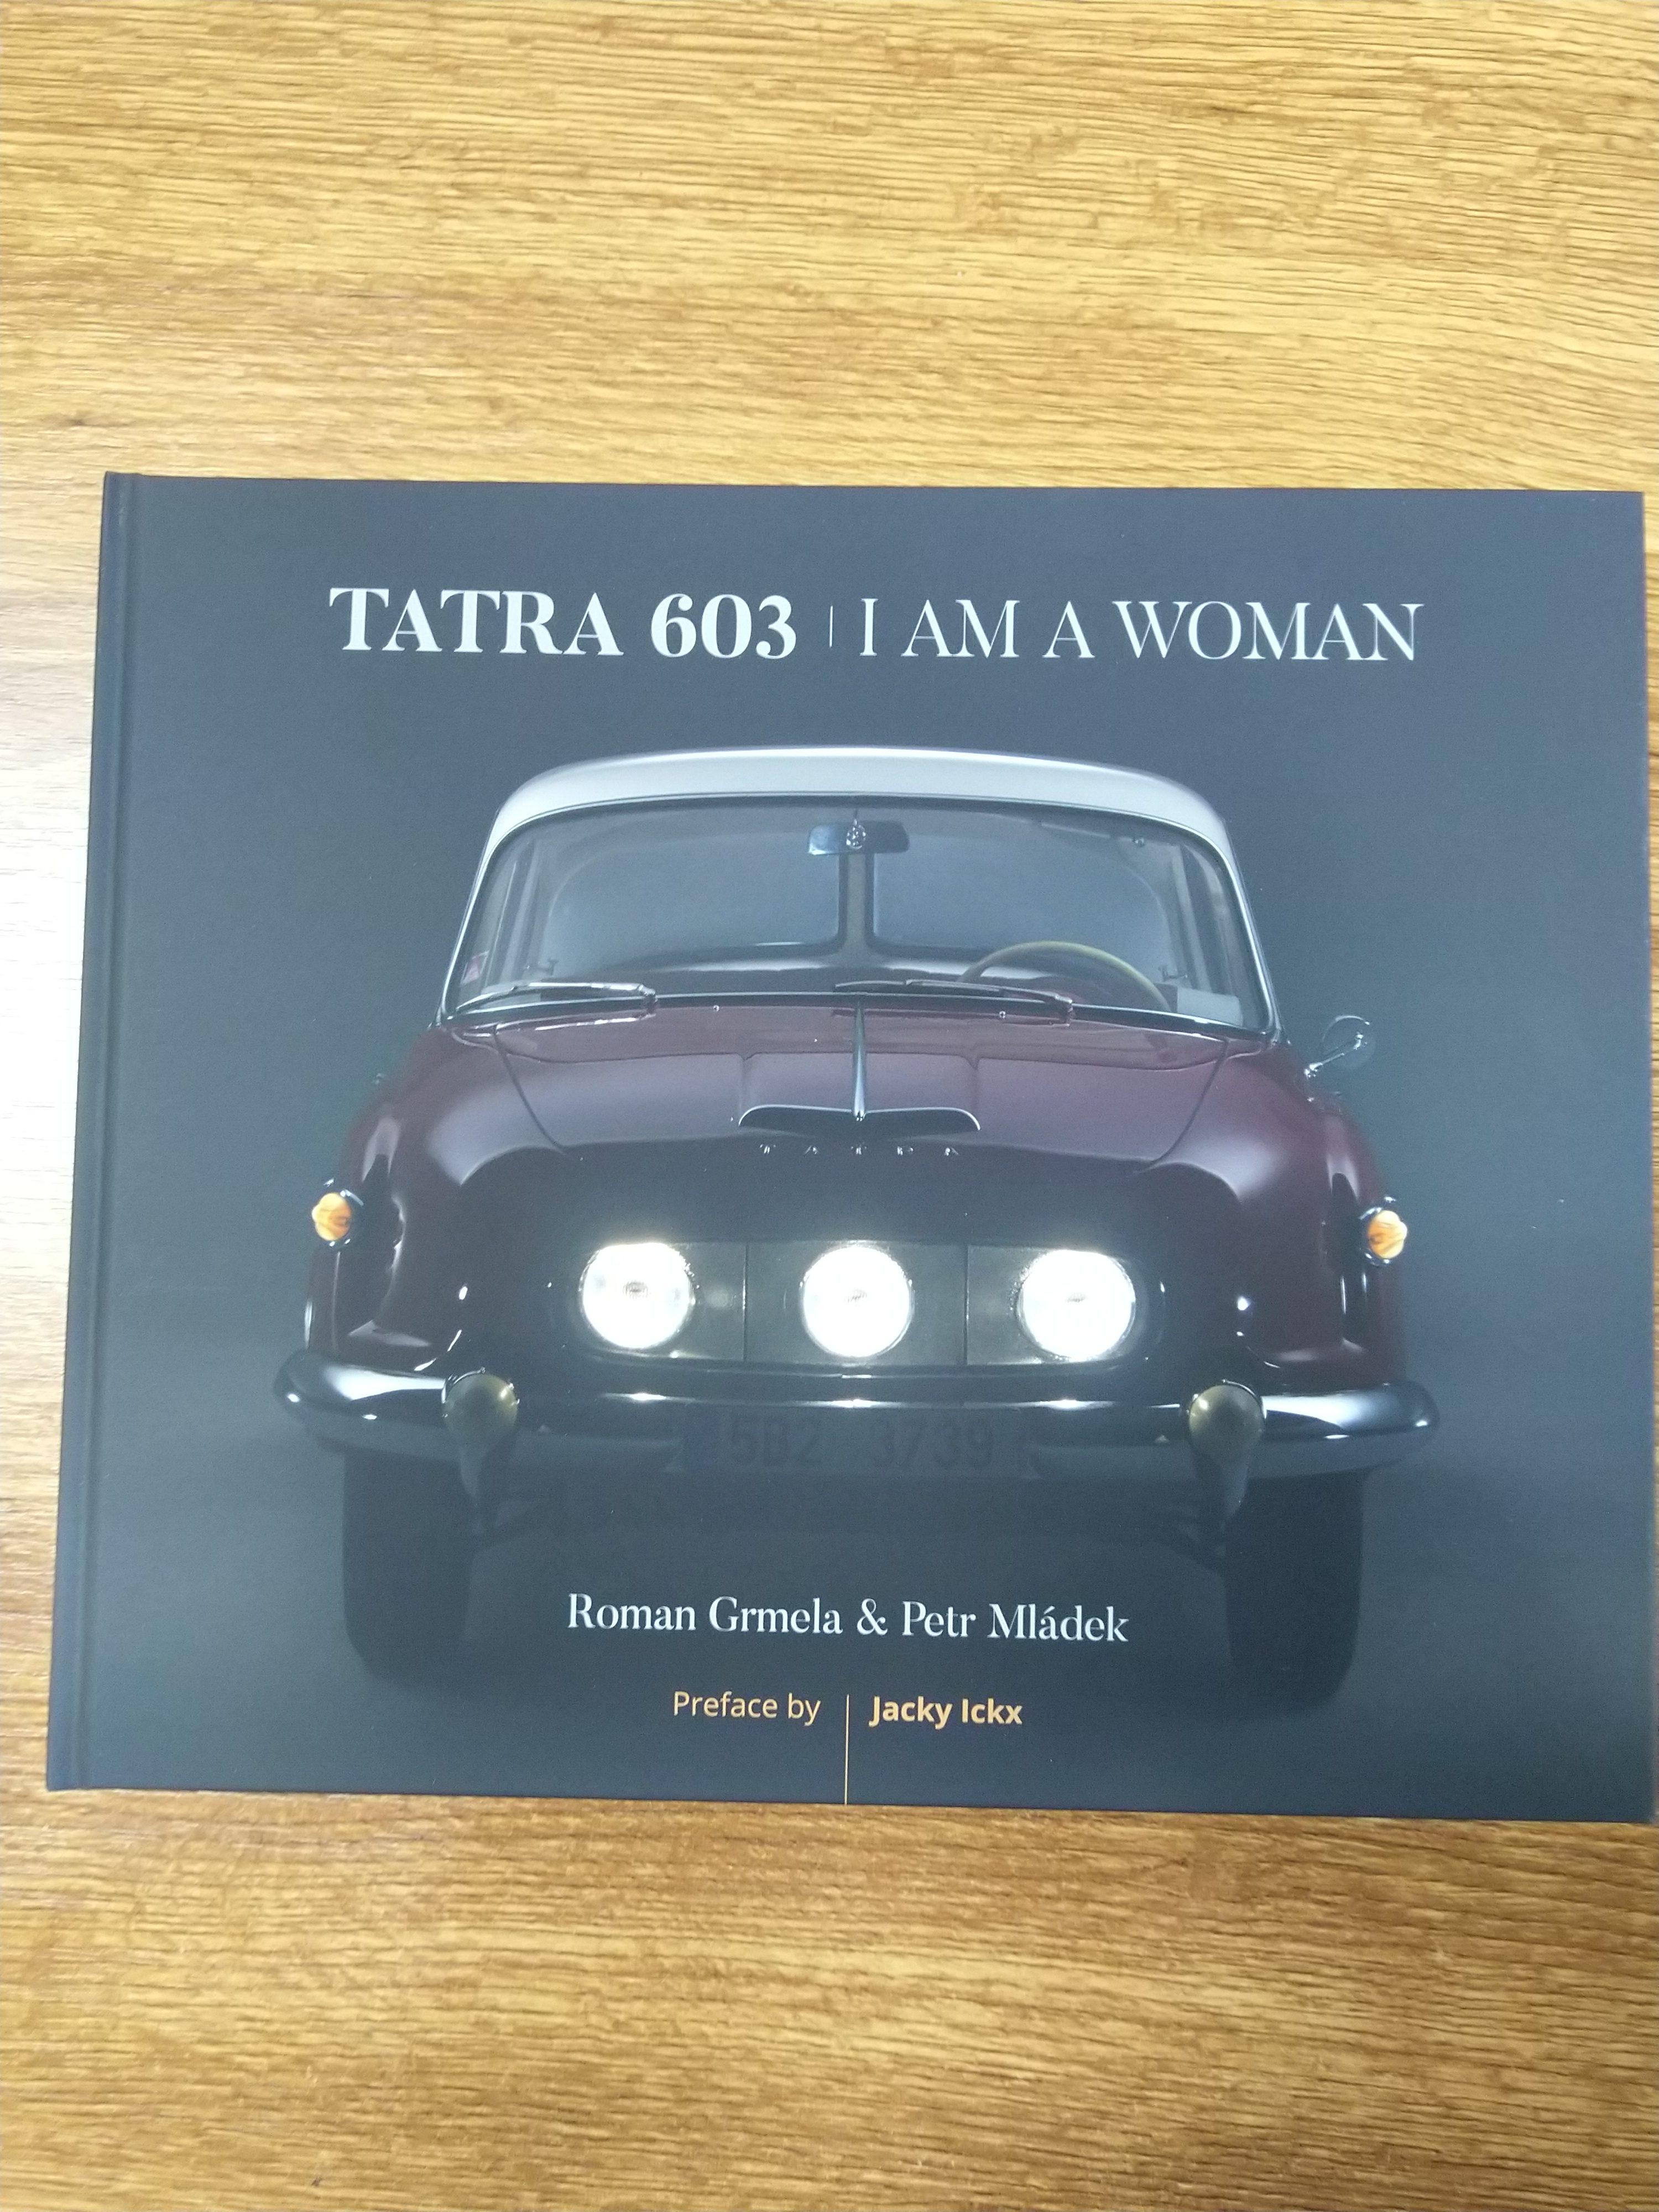 Kniha o vzniku T603 – anglická verze s originálně podepsanou předmluvou od Jacky Ickx